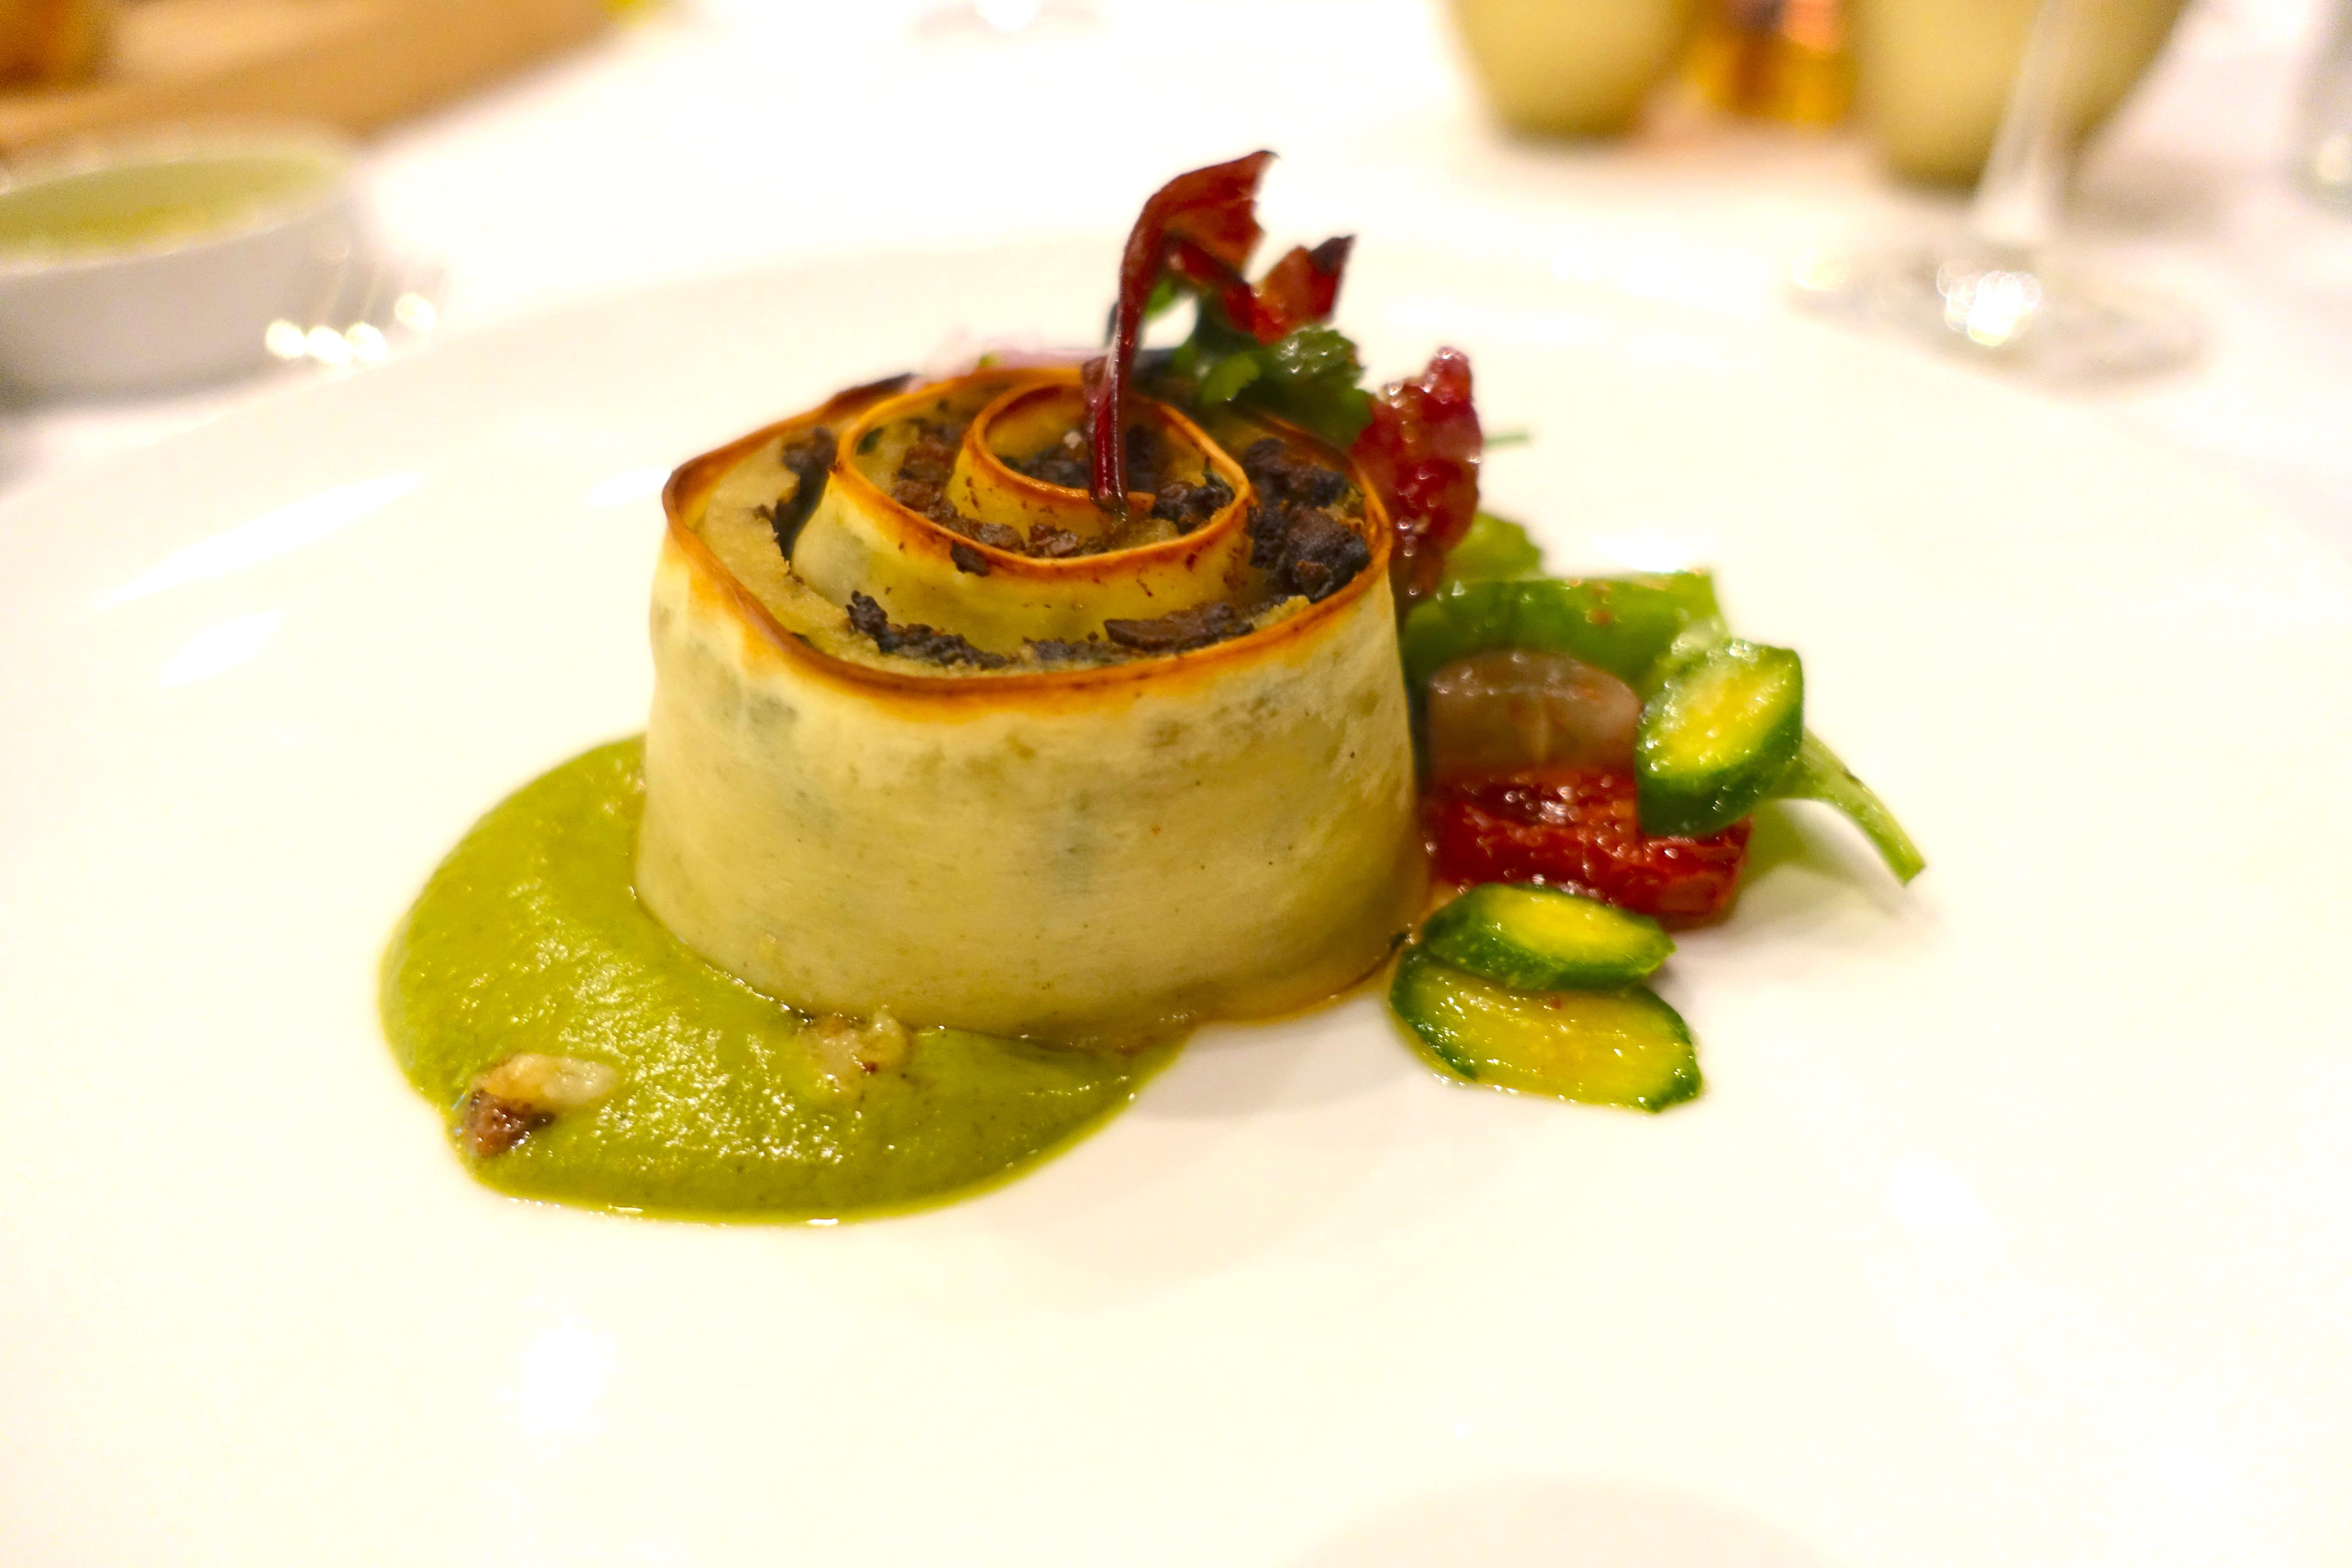 dan-hotel-fine-dining-isa-mazzocchi-tel-aviv-lustforthesublime